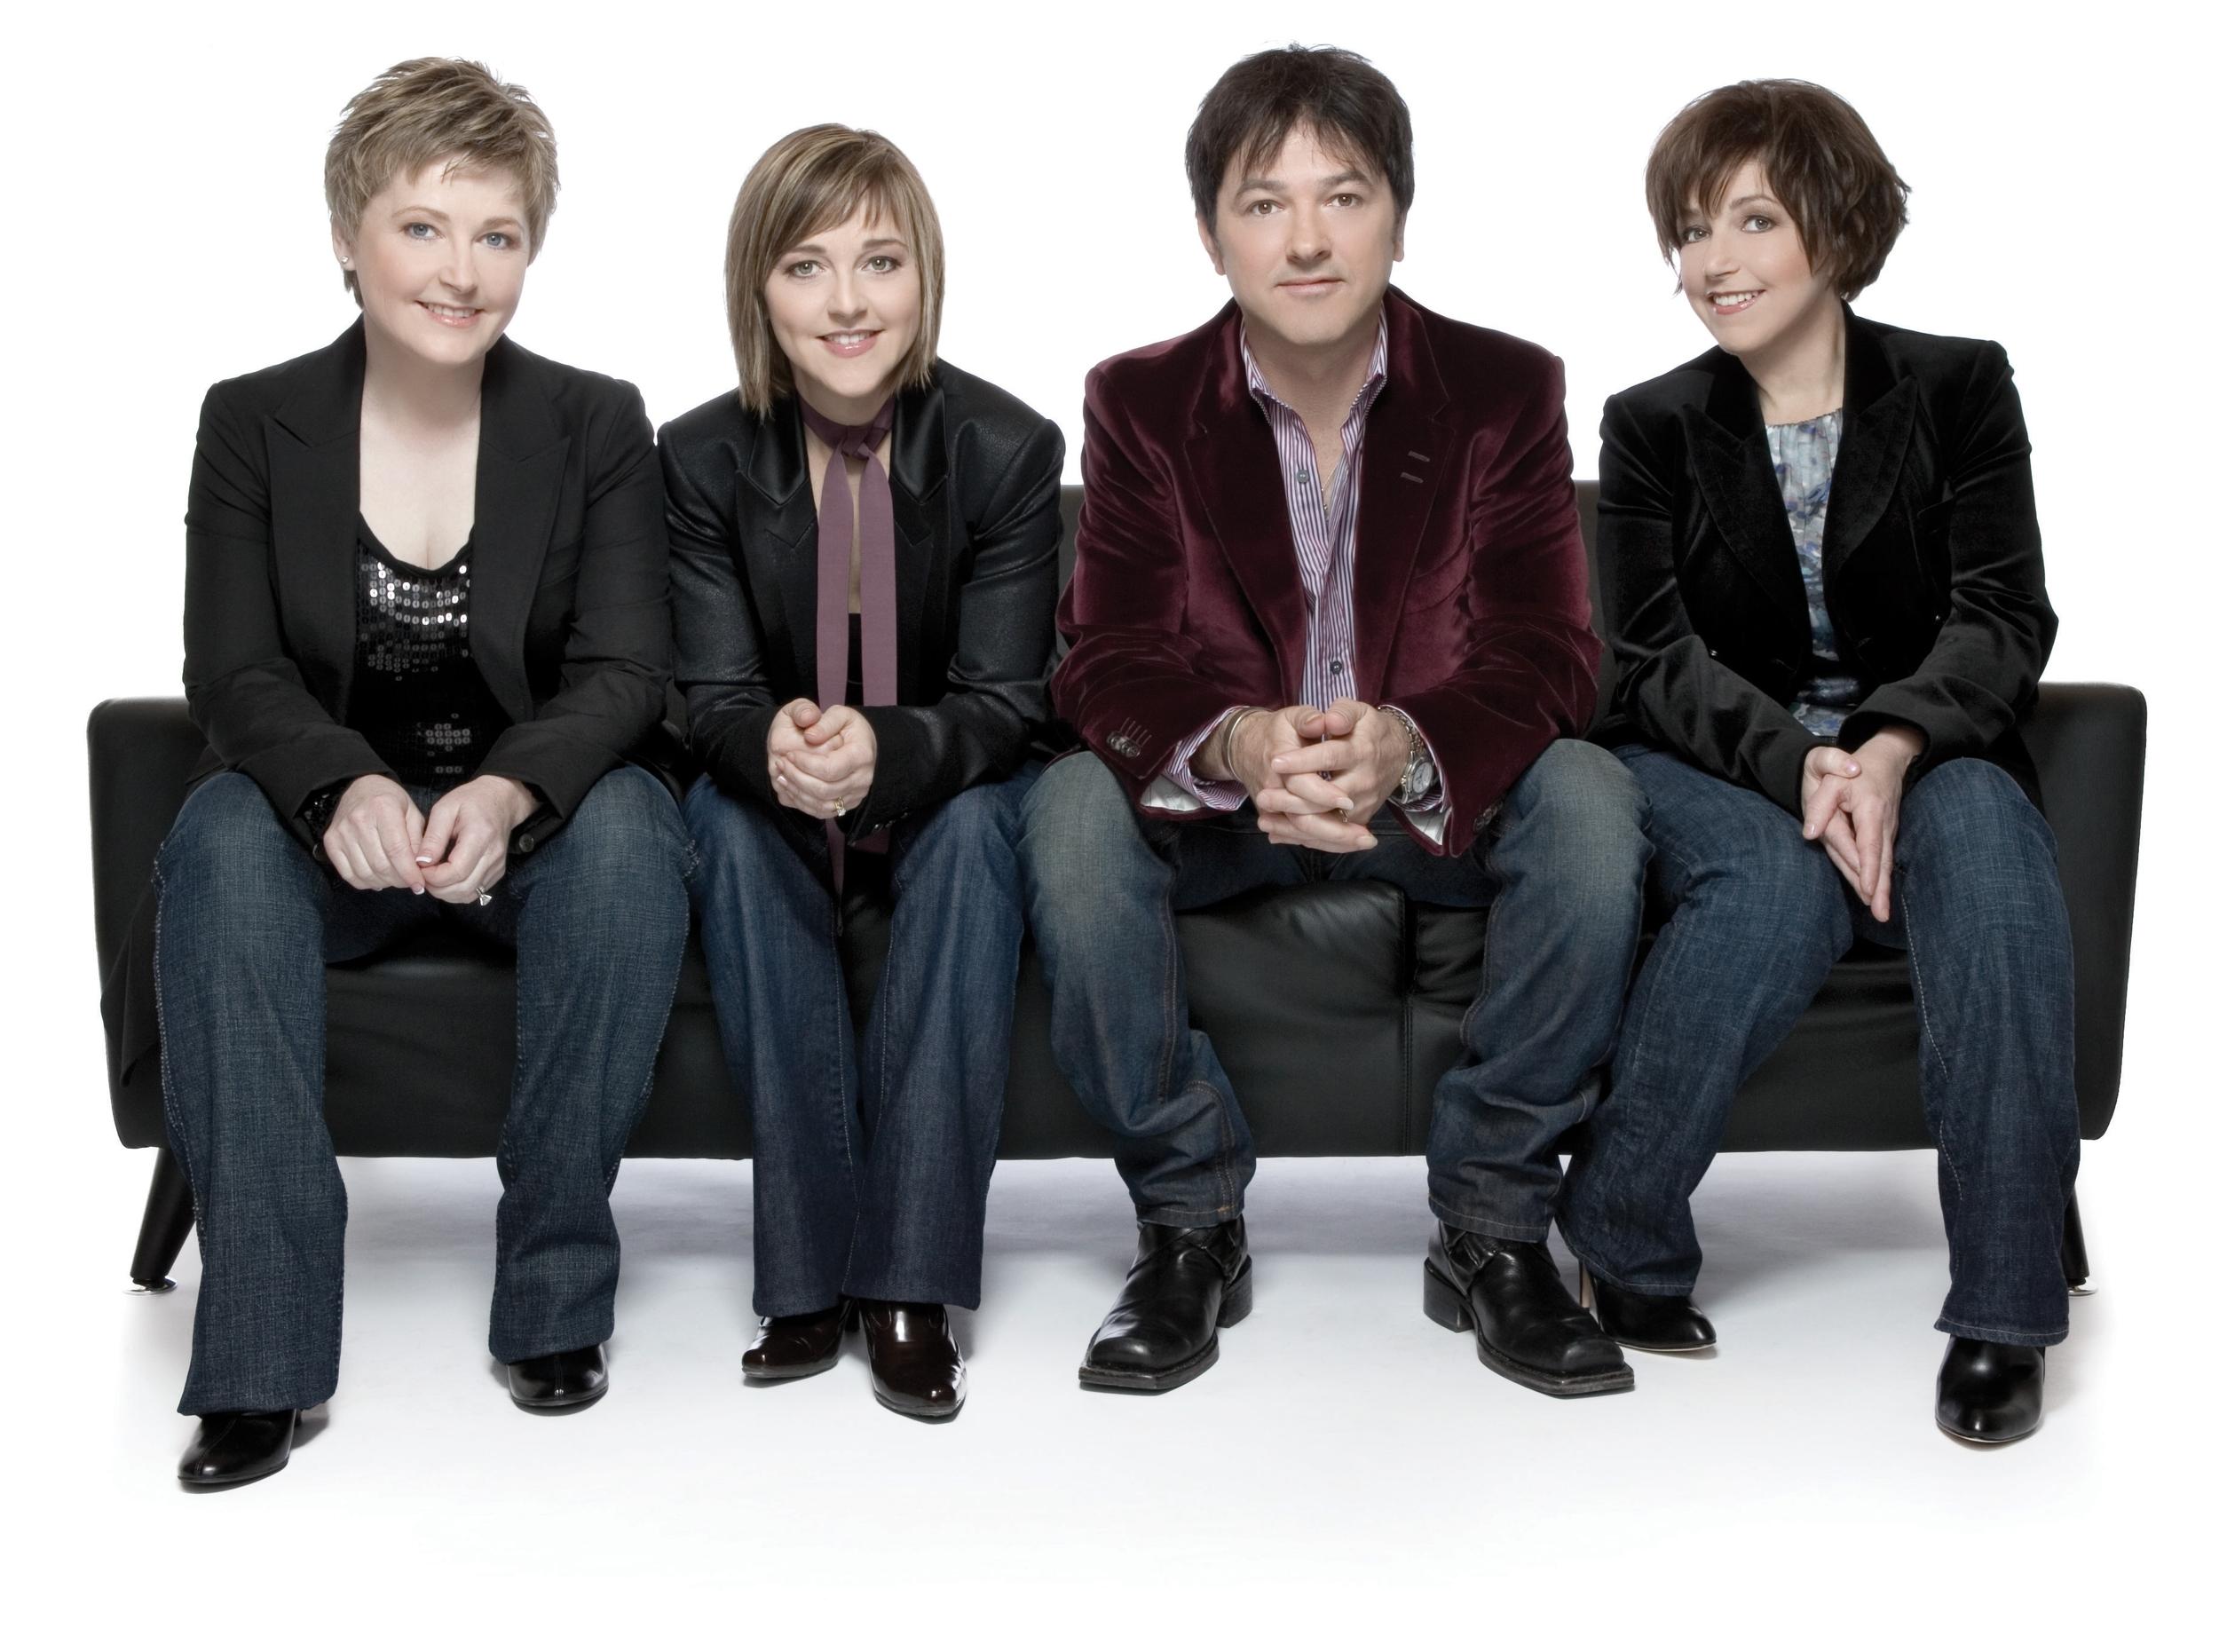 The Rankin Family - January 17, 2012